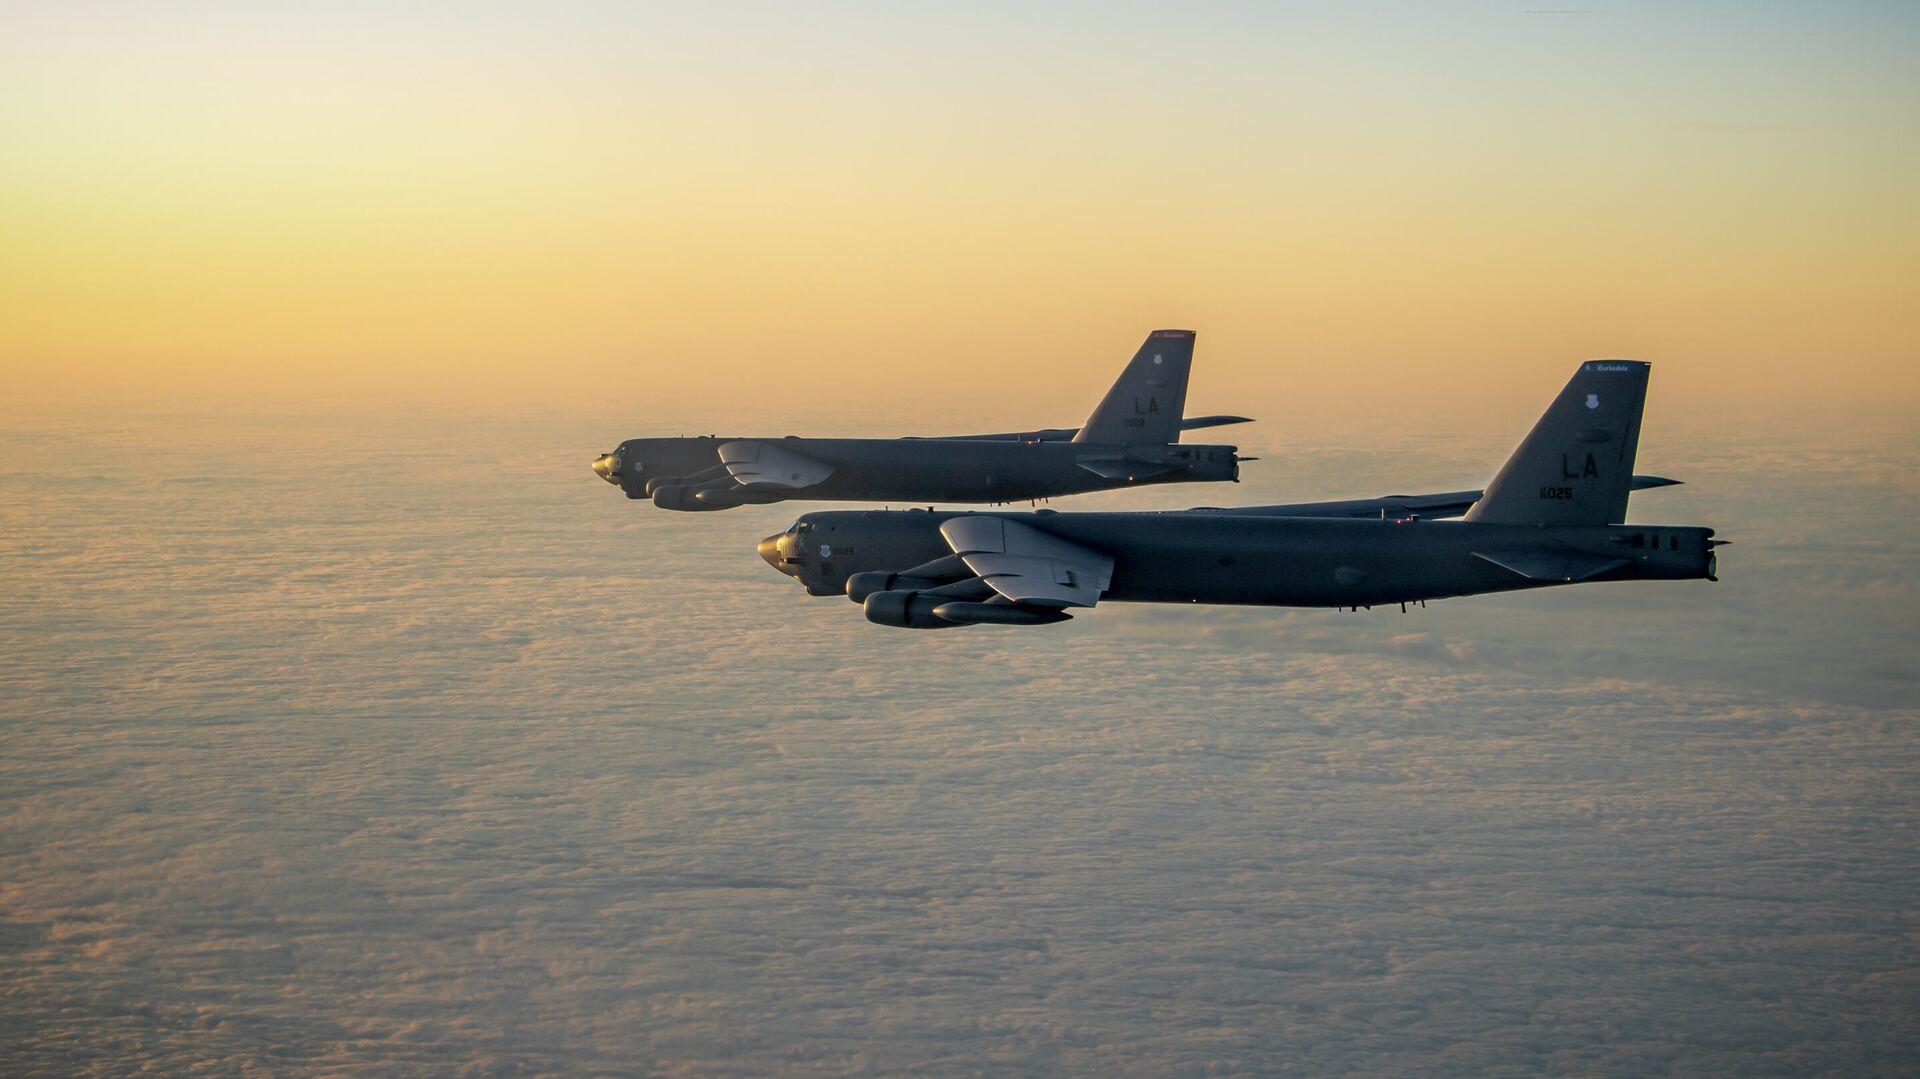 Американские стратегические бомбардировщики B-52 Стратофортресс  - РИА Новости, 1920, 03.02.2021